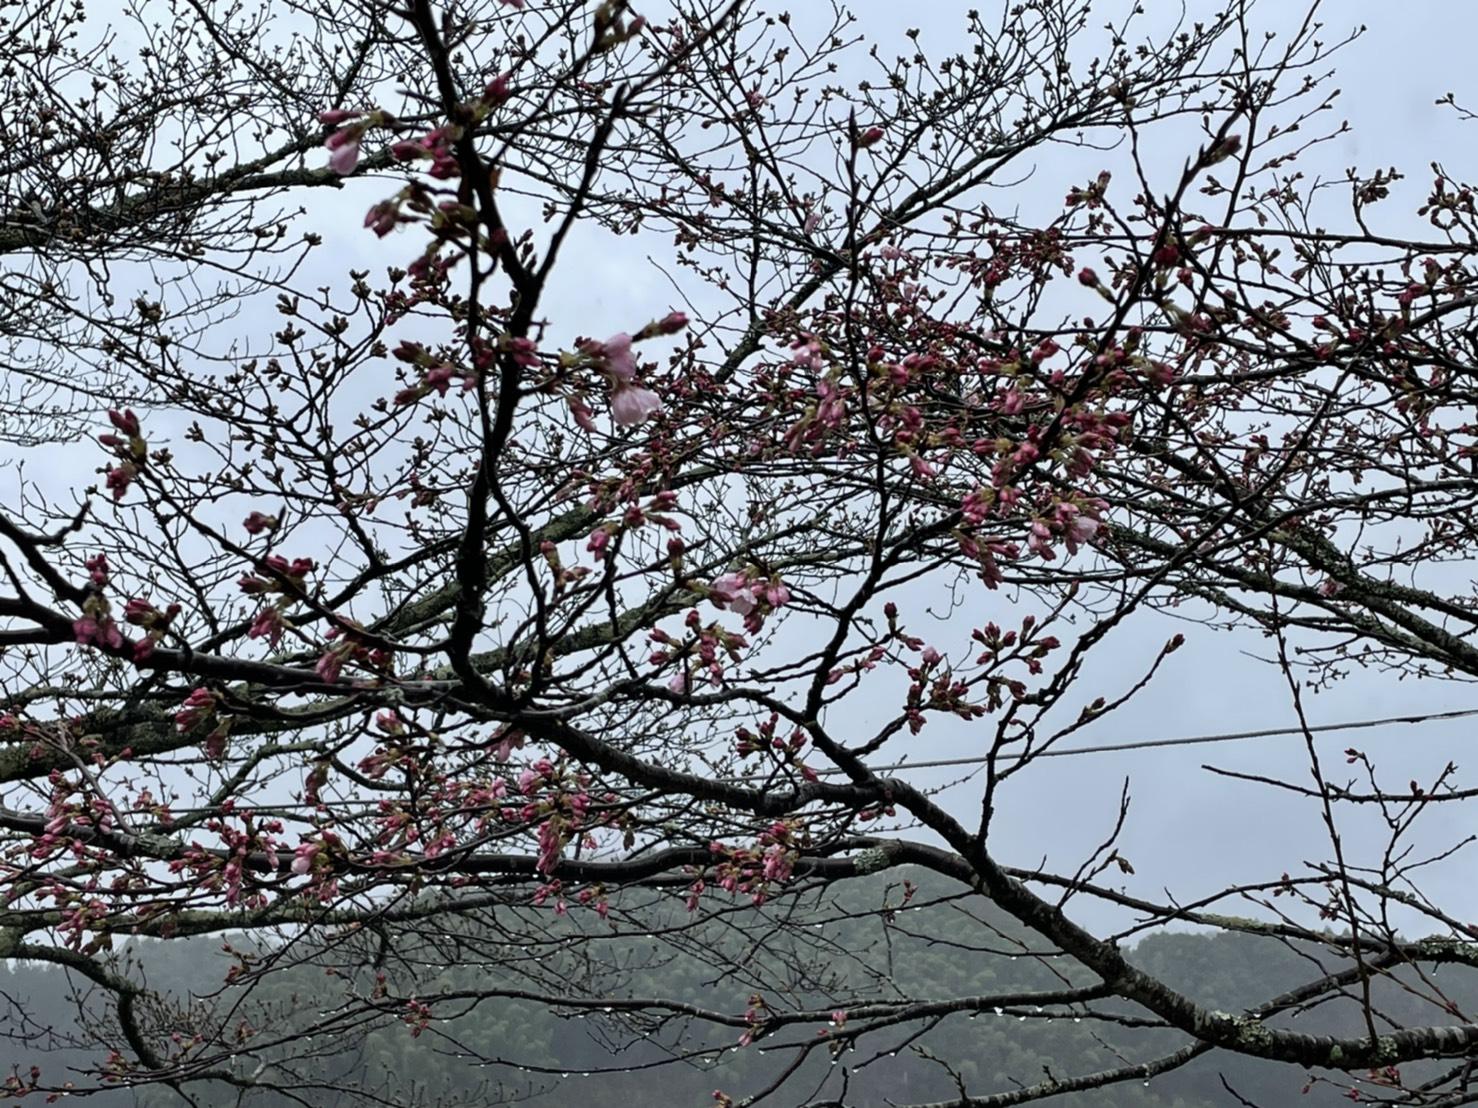 斐伊川堤防桜並木のソメイヨシノが開花しました(2021.3.16)